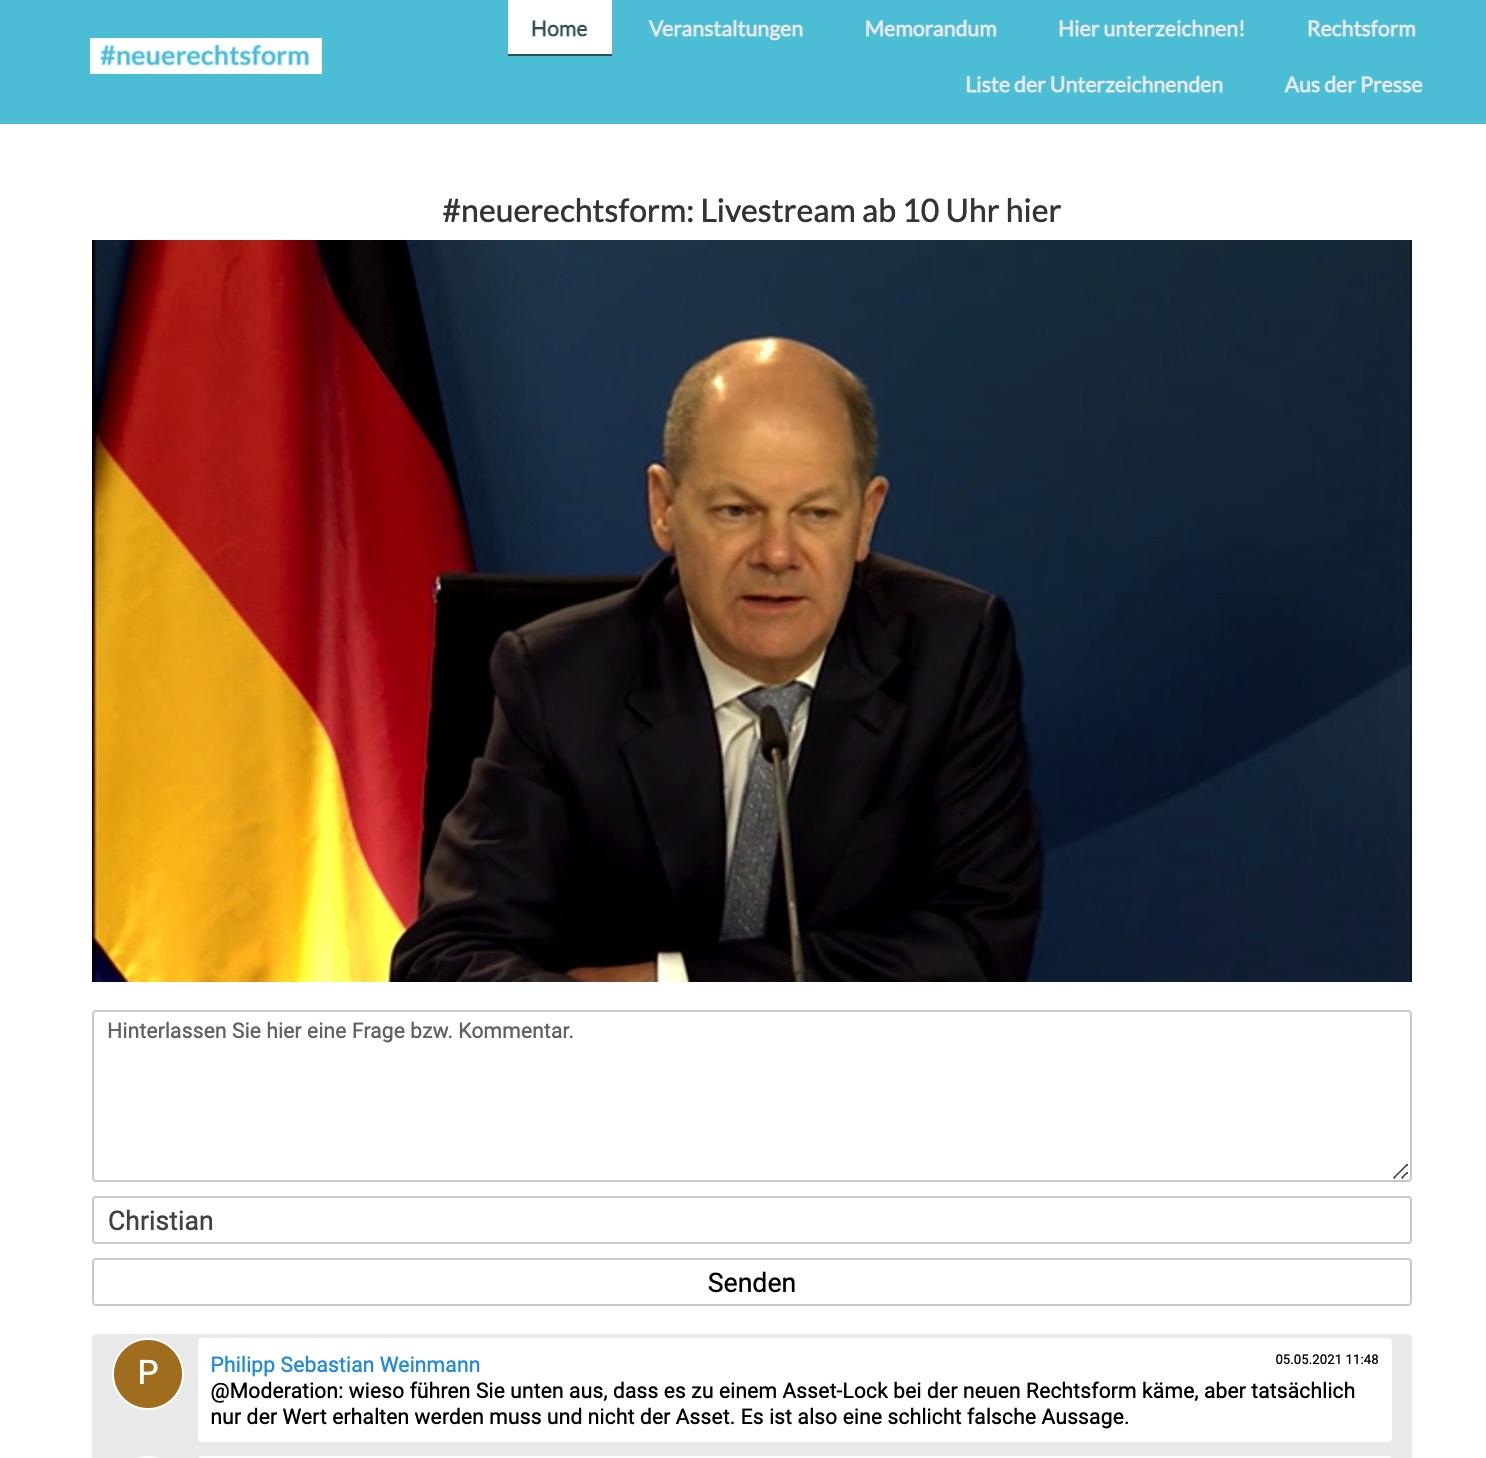 Politik und Wirtschaft diskutieren über Bedarf einer neuen Rechtsform im Livestream